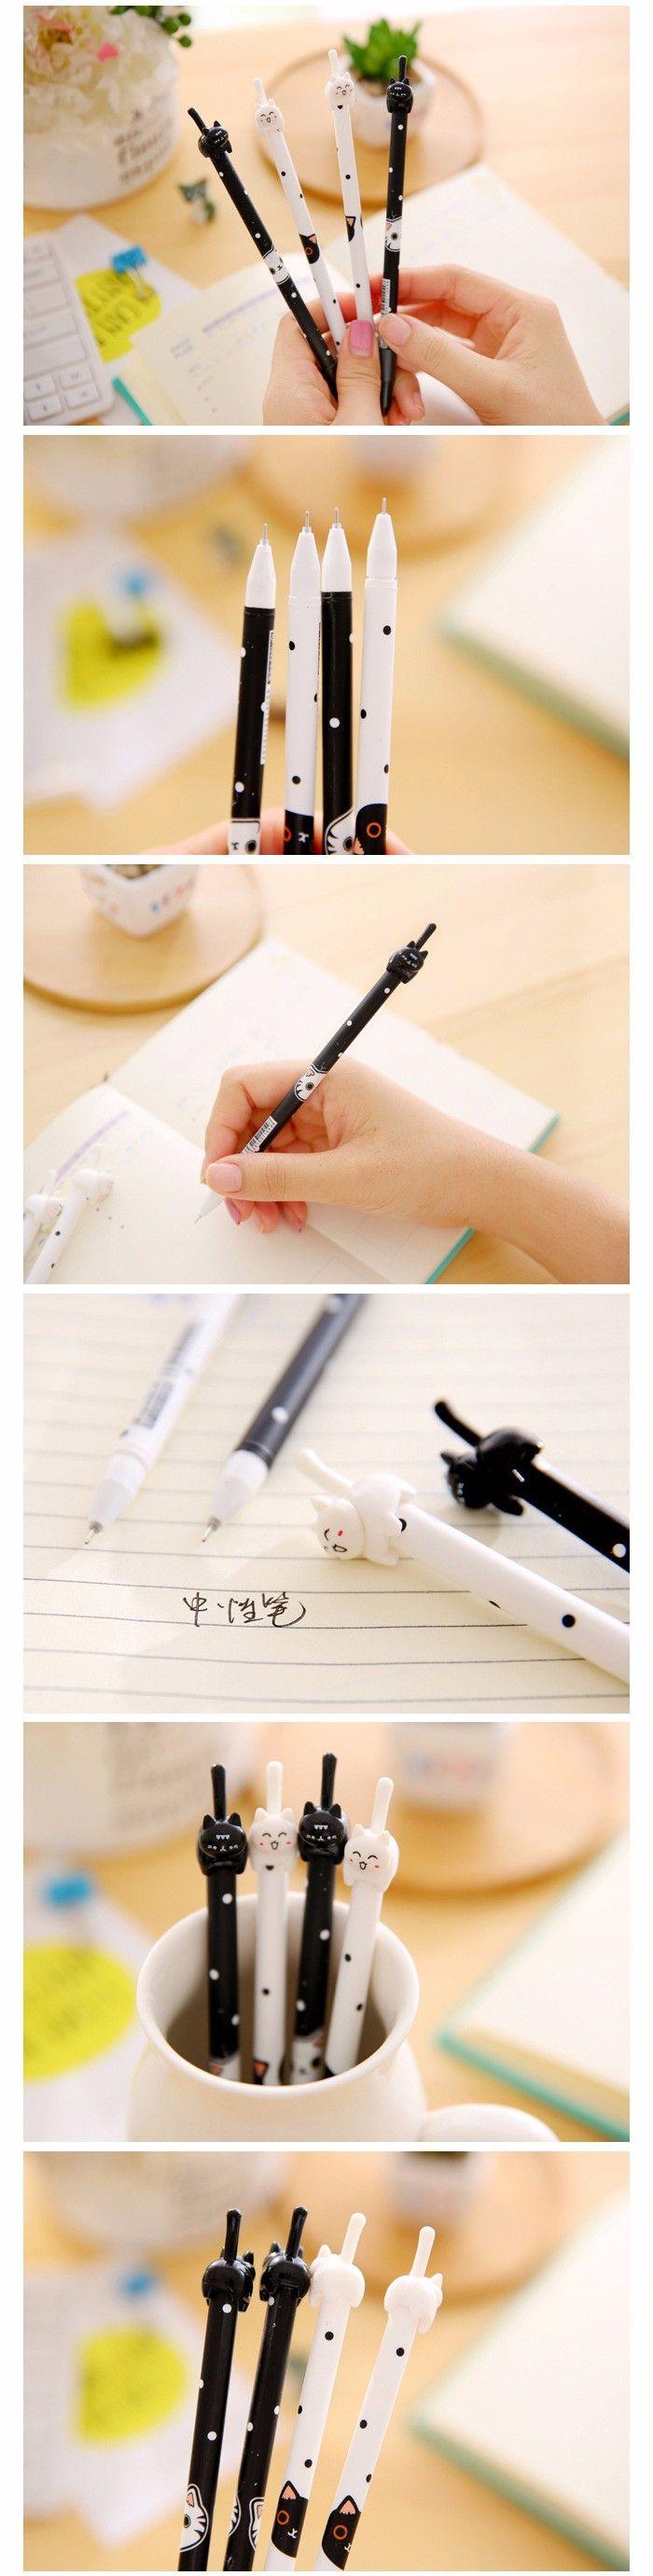 43,79 - 50,23 руб. / шт. Письменные принадлежности > Гелевые ручки